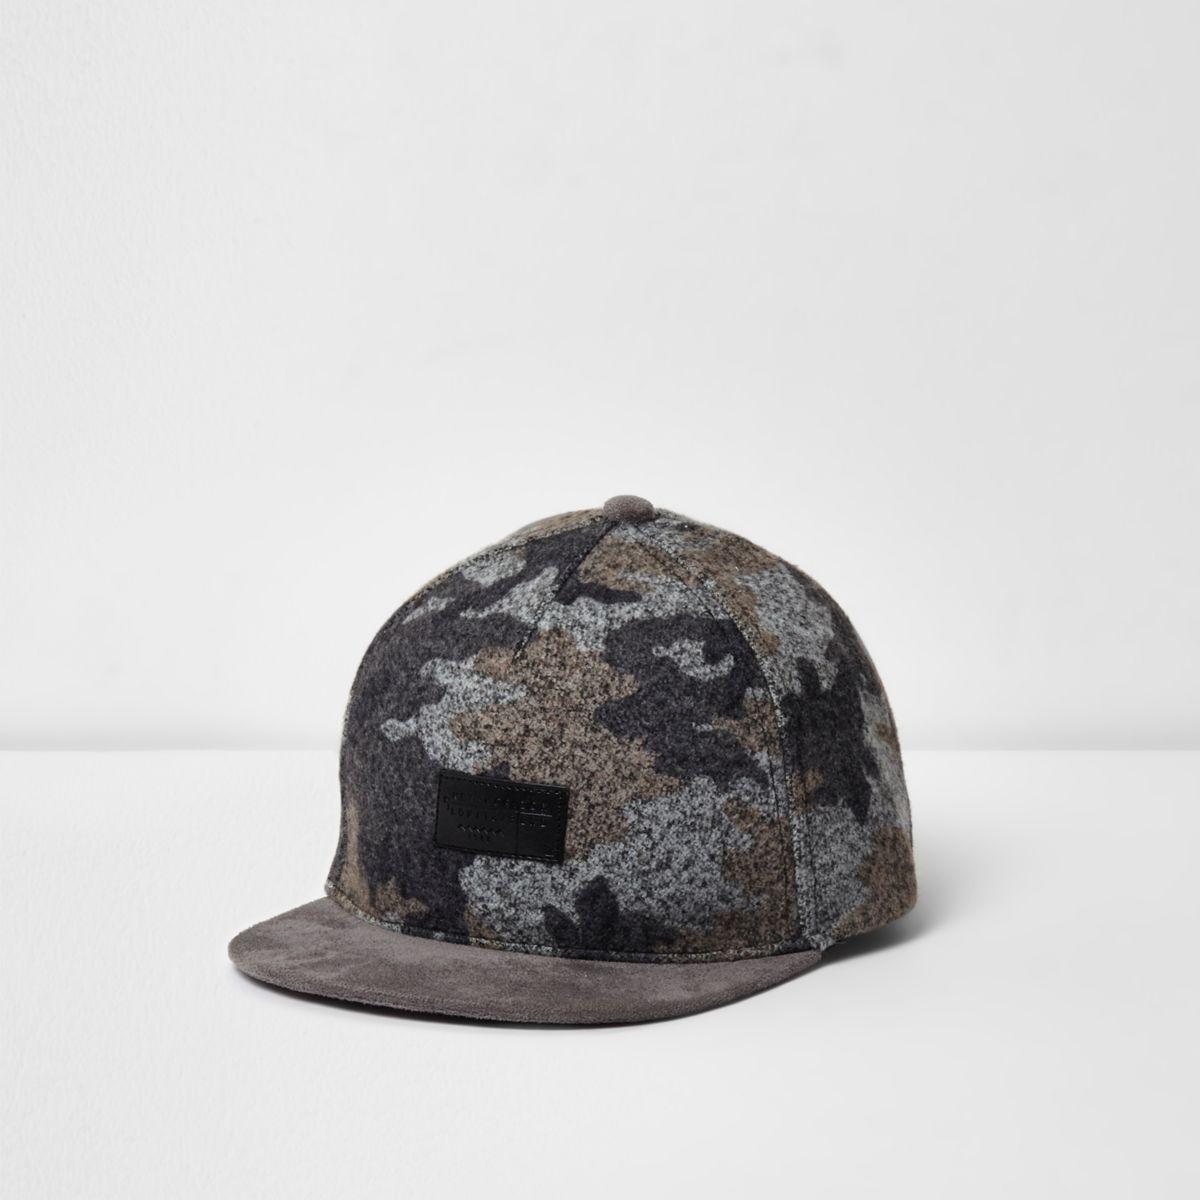 Casquette camouflage grise brossé à visière plate pour garçon